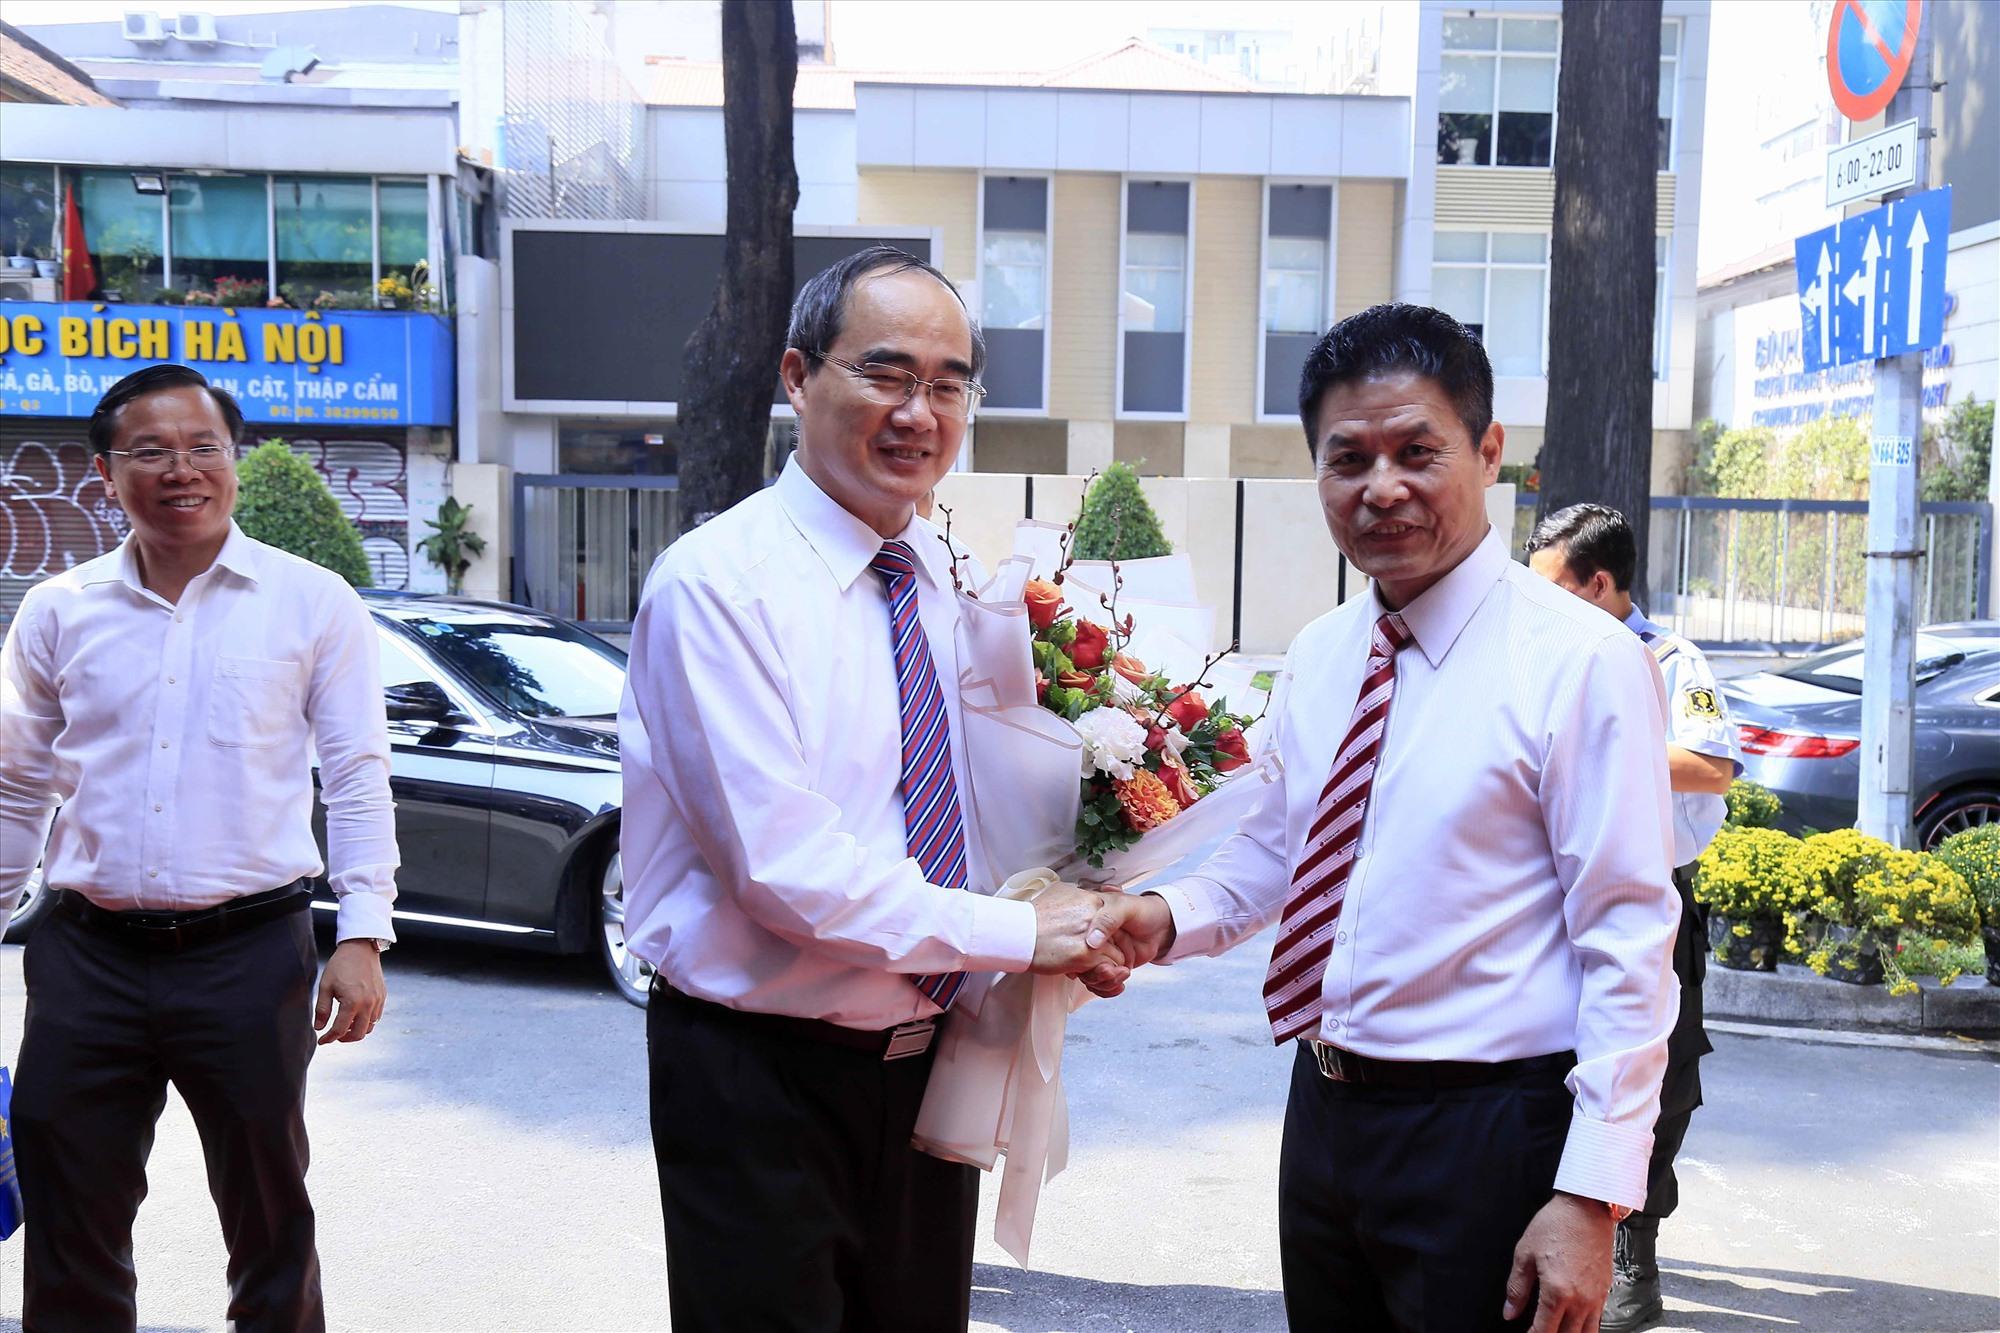 Lãnh đạo Vietravel đón tiếp Bí thư Thành ủy Nguyễn Thiện Nhân đến thăm chúc tết công ty nhân dịp đầu năm Canh Tý